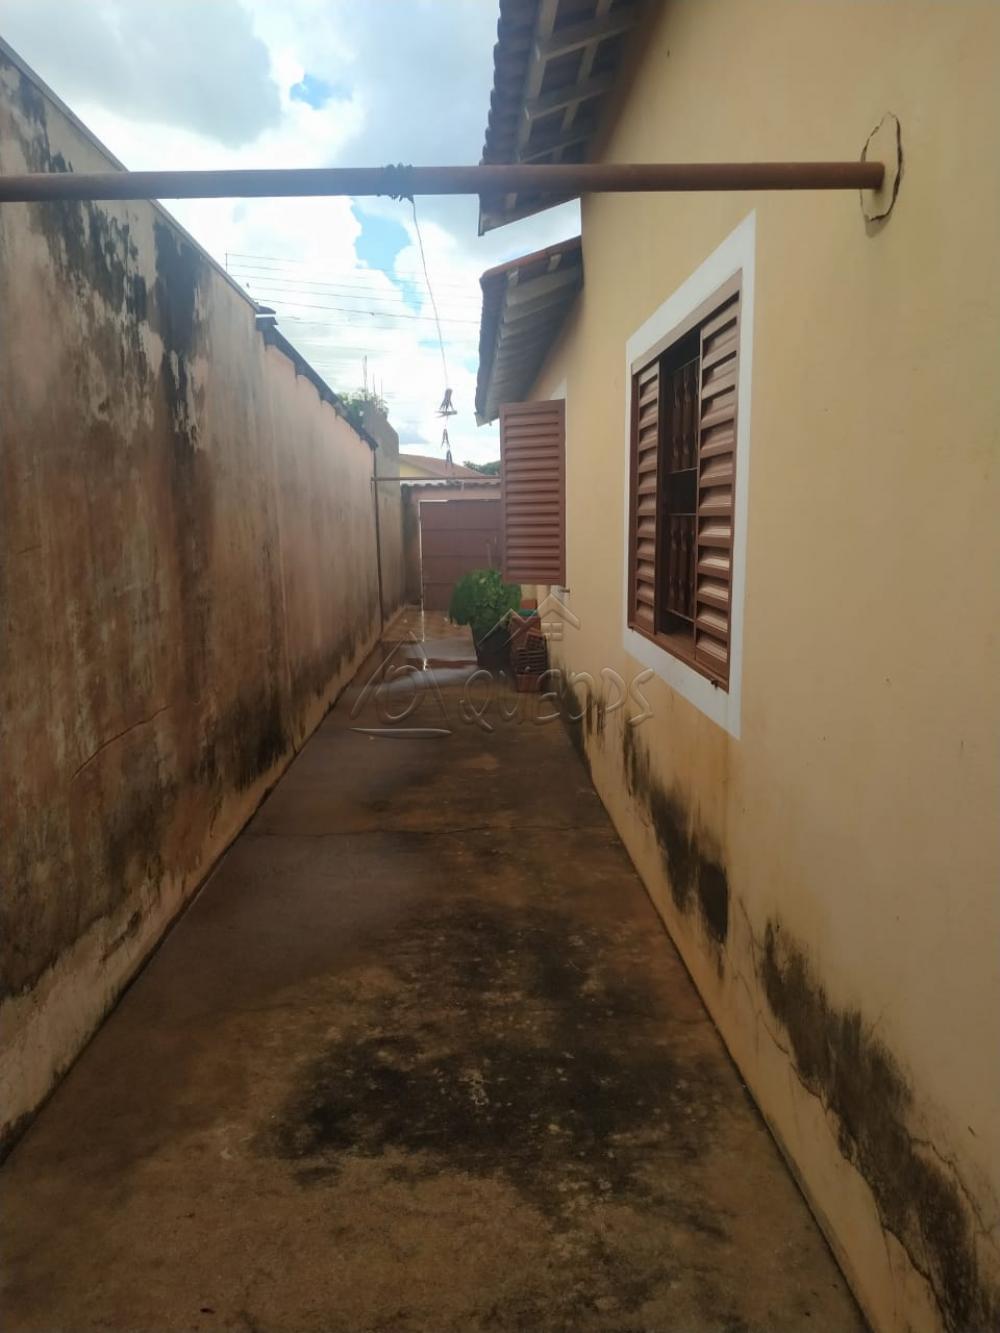 Comprar Casa / Padrão em Barretos apenas R$ 130.000,00 - Foto 12